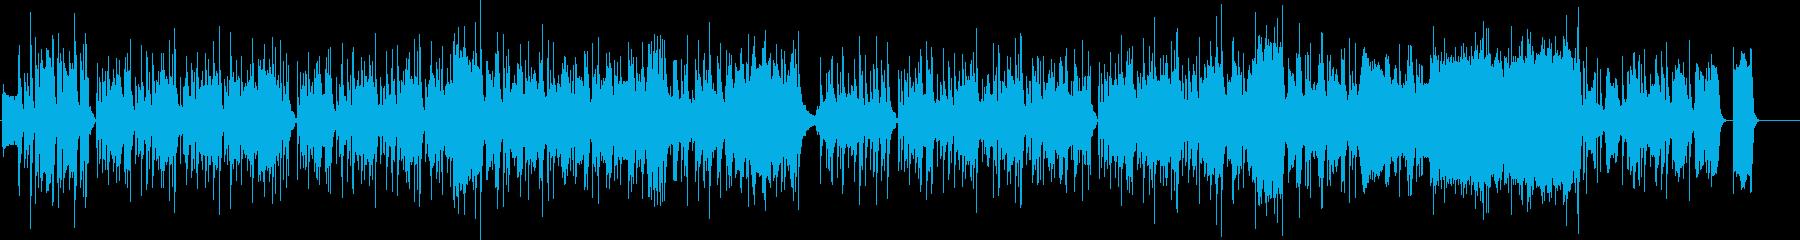 アウトドアとビジョン。歌。チャチャ...の再生済みの波形